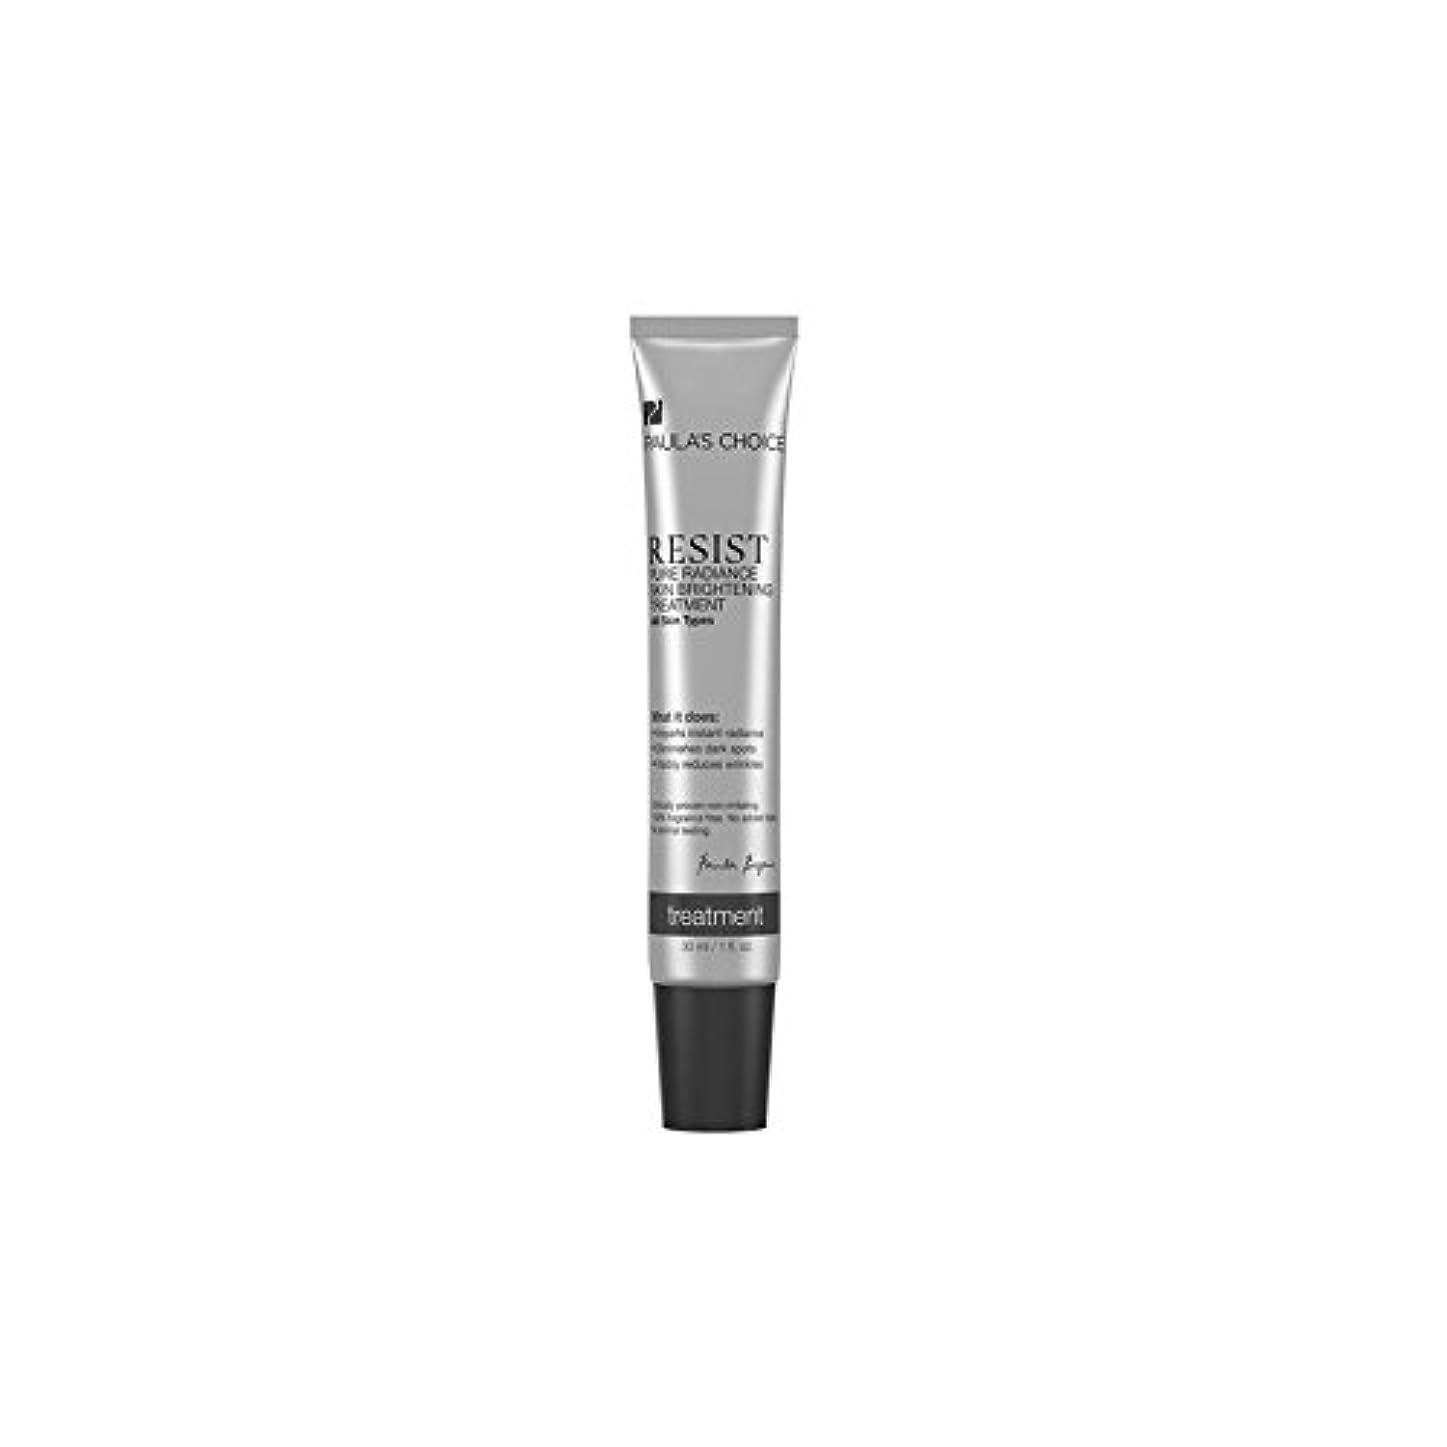 求人ハックコールドPaula's Choice Resist Pure Radiance Skin Brightening Treatment (30ml) - ポーラチョイスは純粋な輝き肌ブライトニングトリートメント(30ミリリットル)...